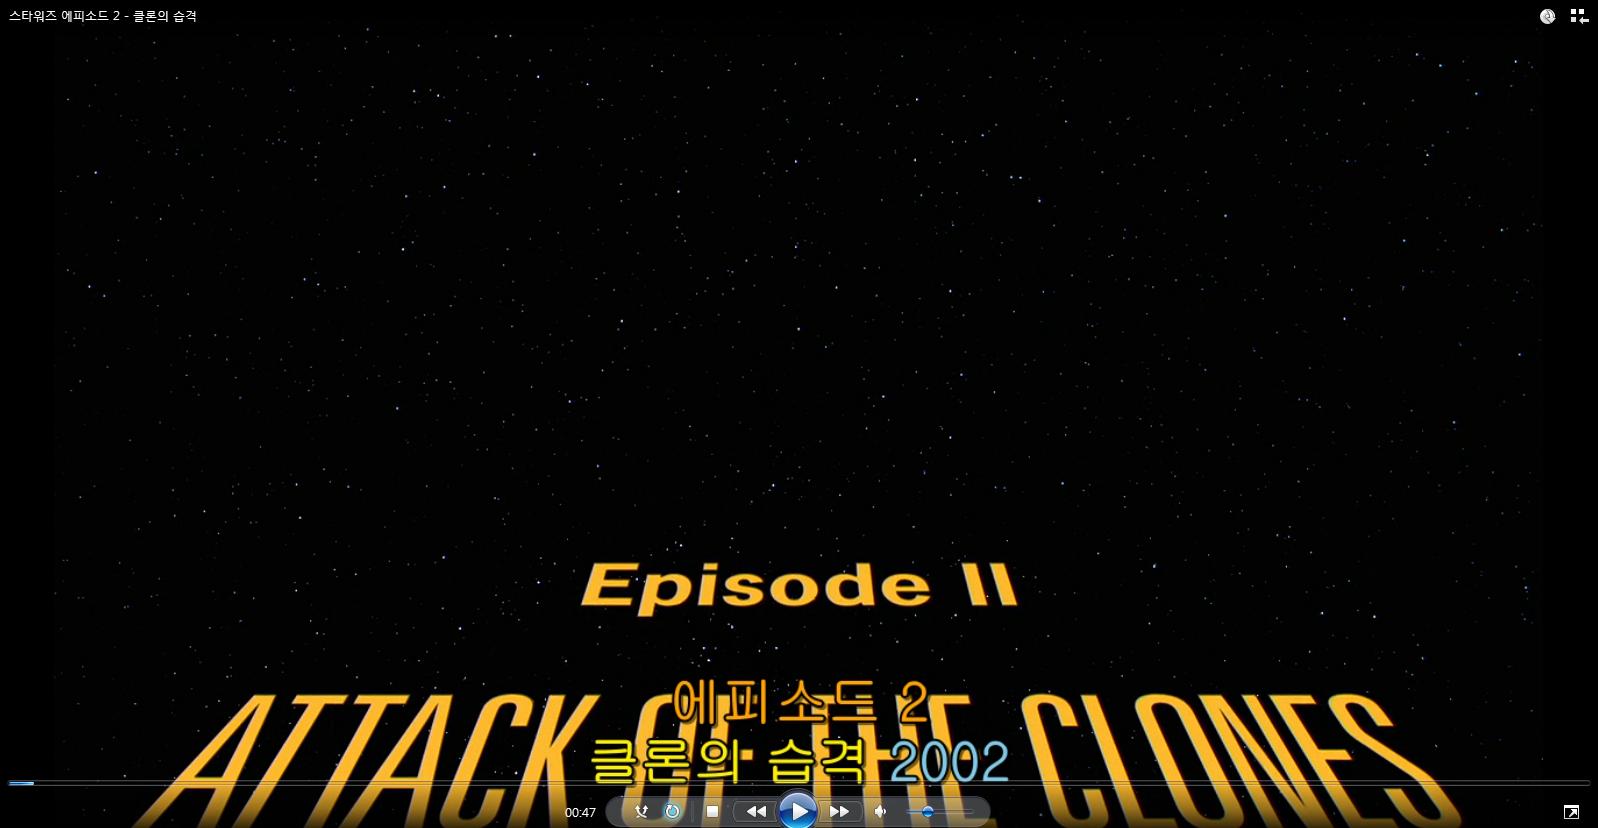 스타워즈 2 - 클론의 습격 (2002) 후기